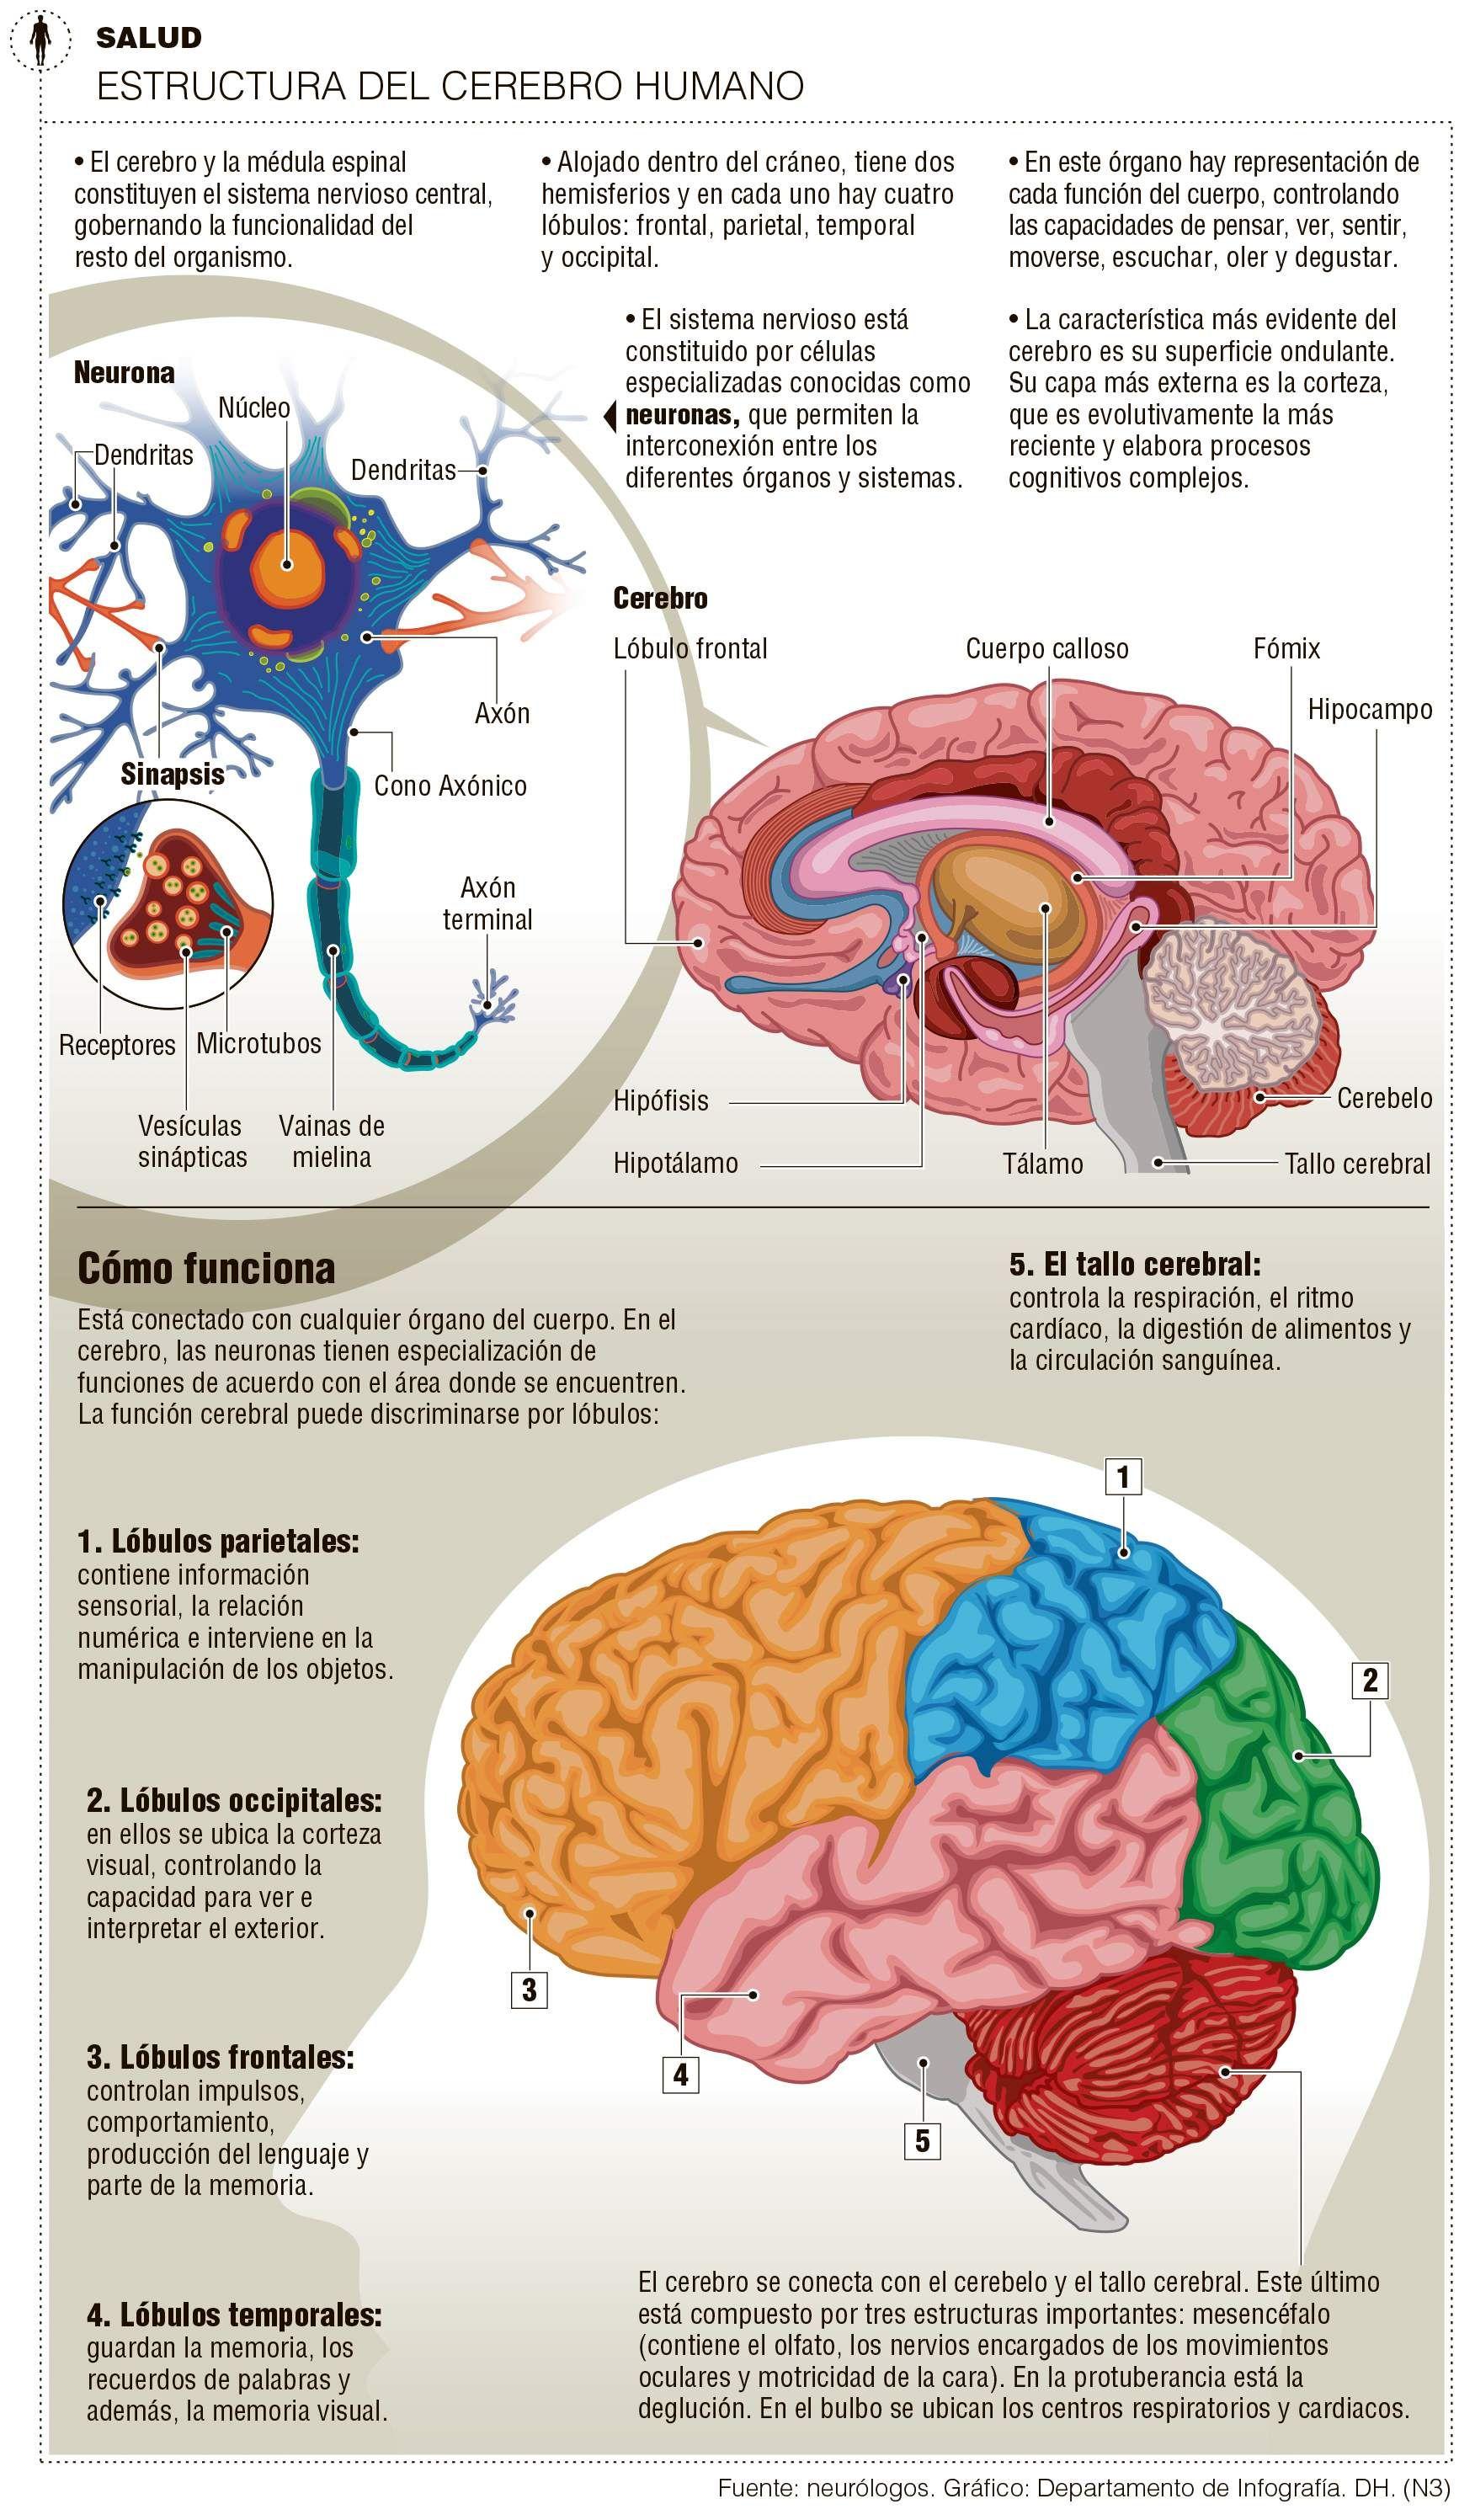 Estructura del cerebro humano | Anatomía | Pinterest | Estructura ...